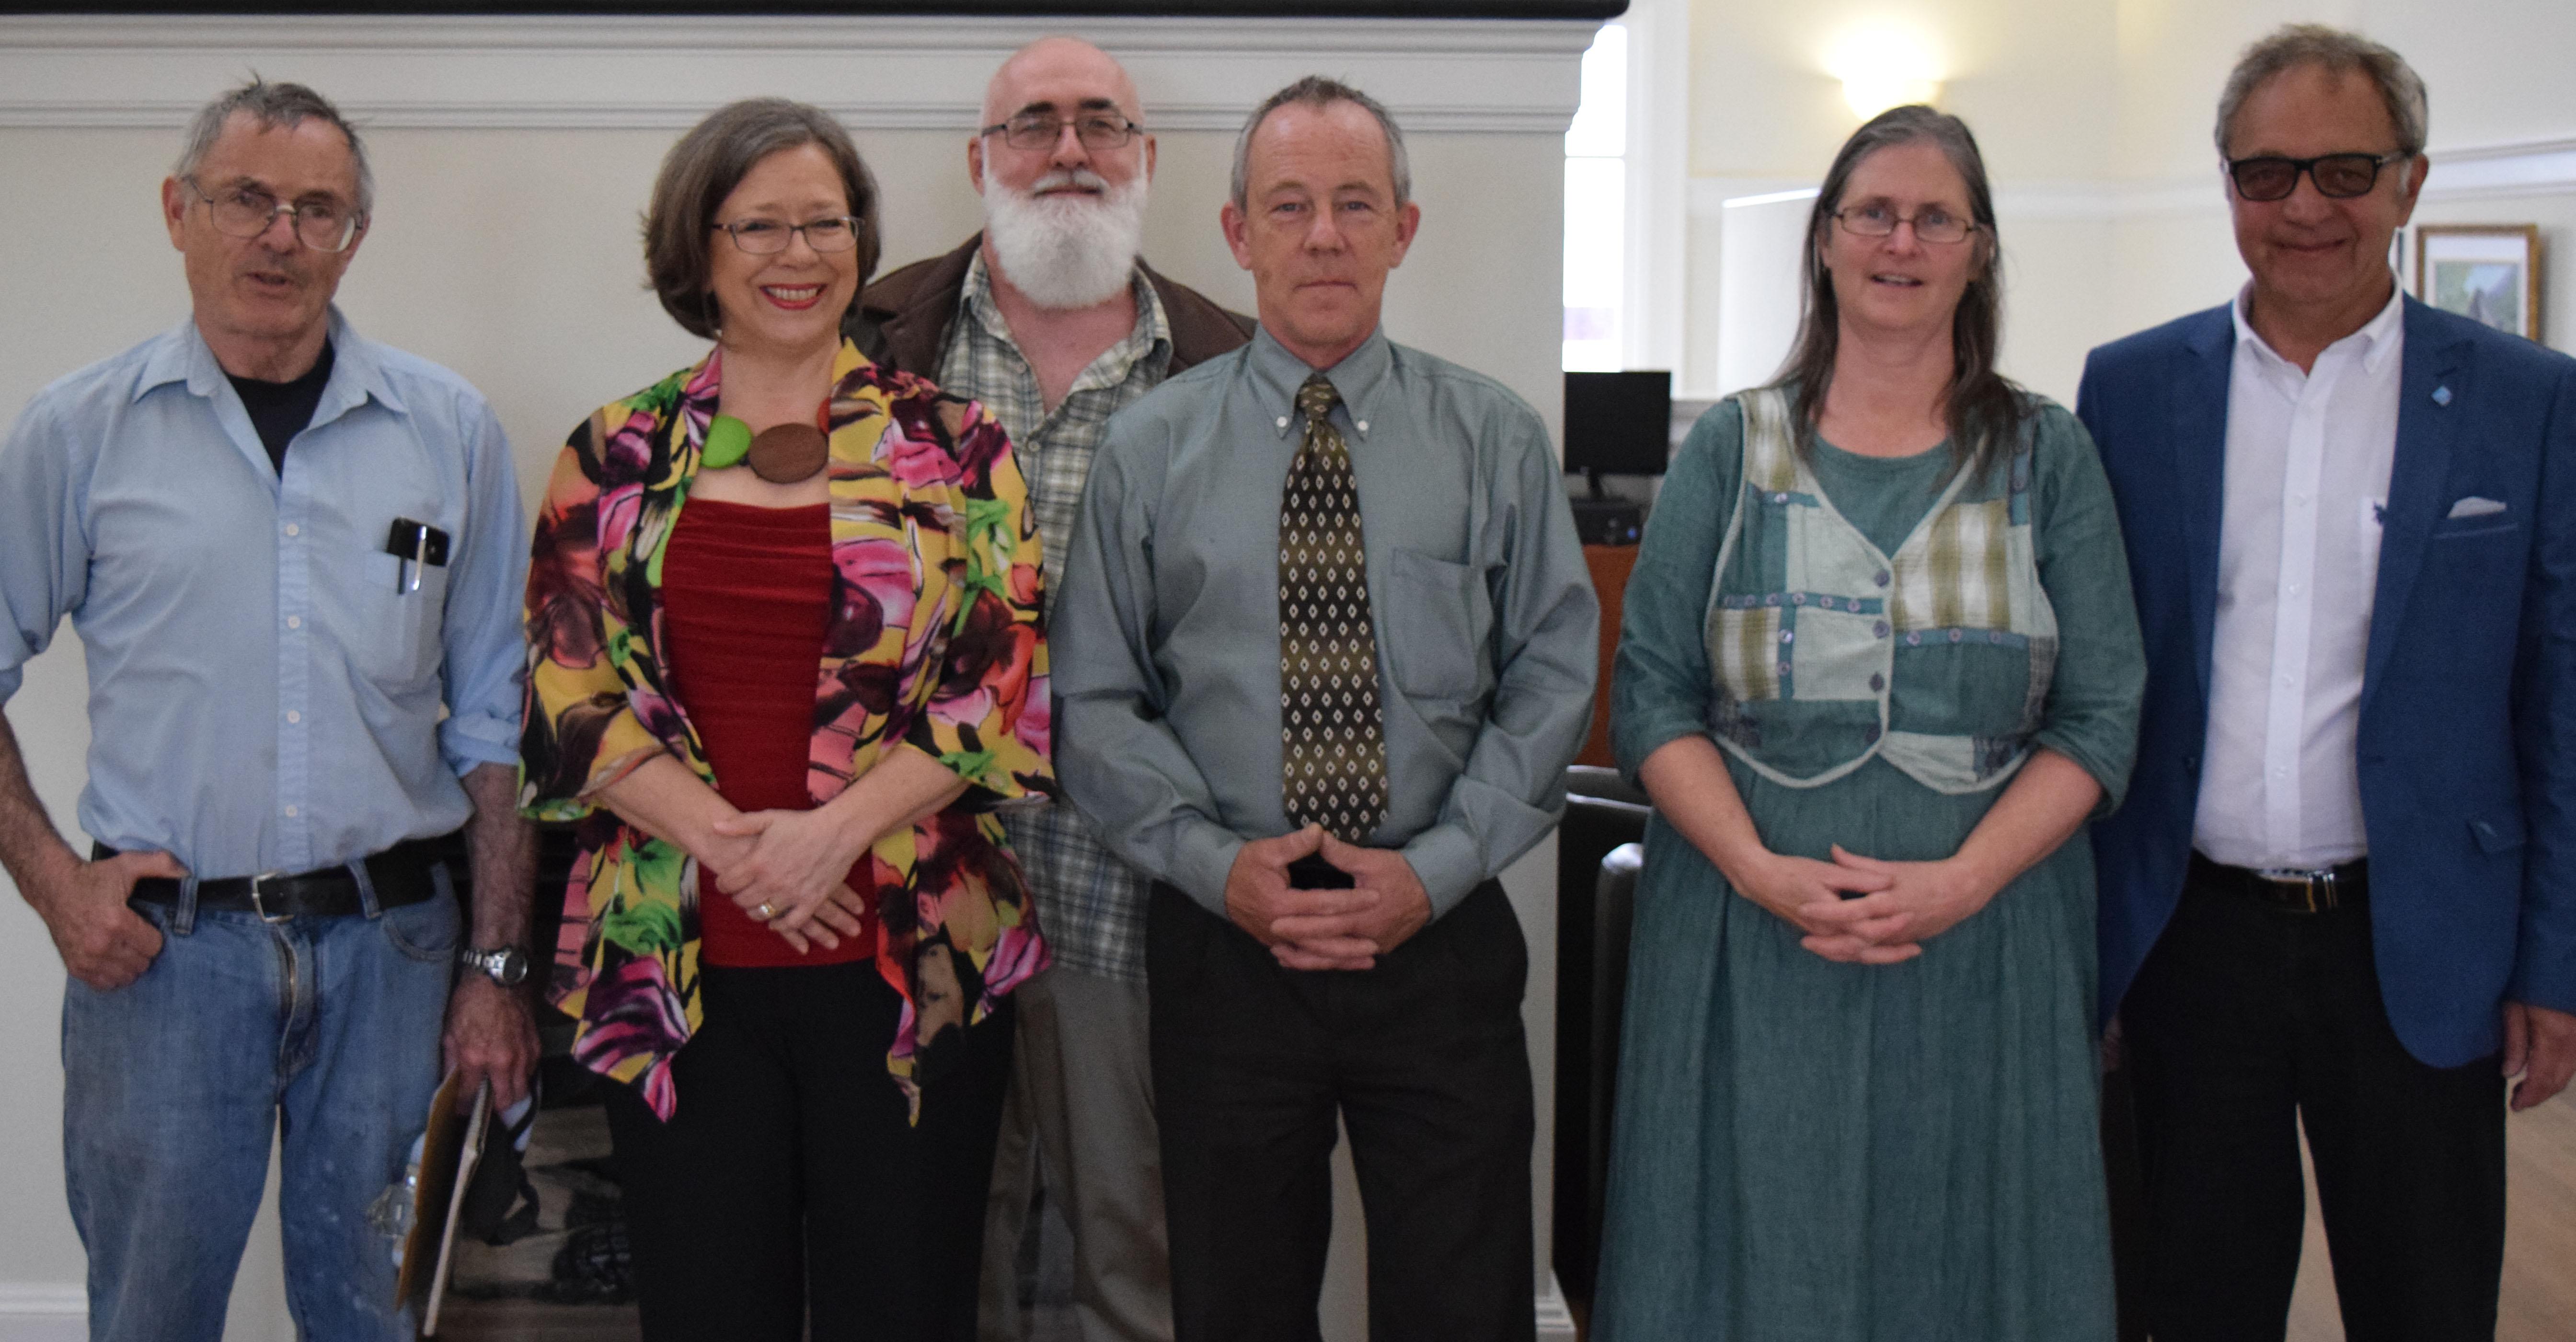 De gauche à droite : À l'avant : William Bradley, Édith de Haerne, Alain Magnan, Sandra Stephenson et Yves Pelletier À l'arrière : Ronald Perrier